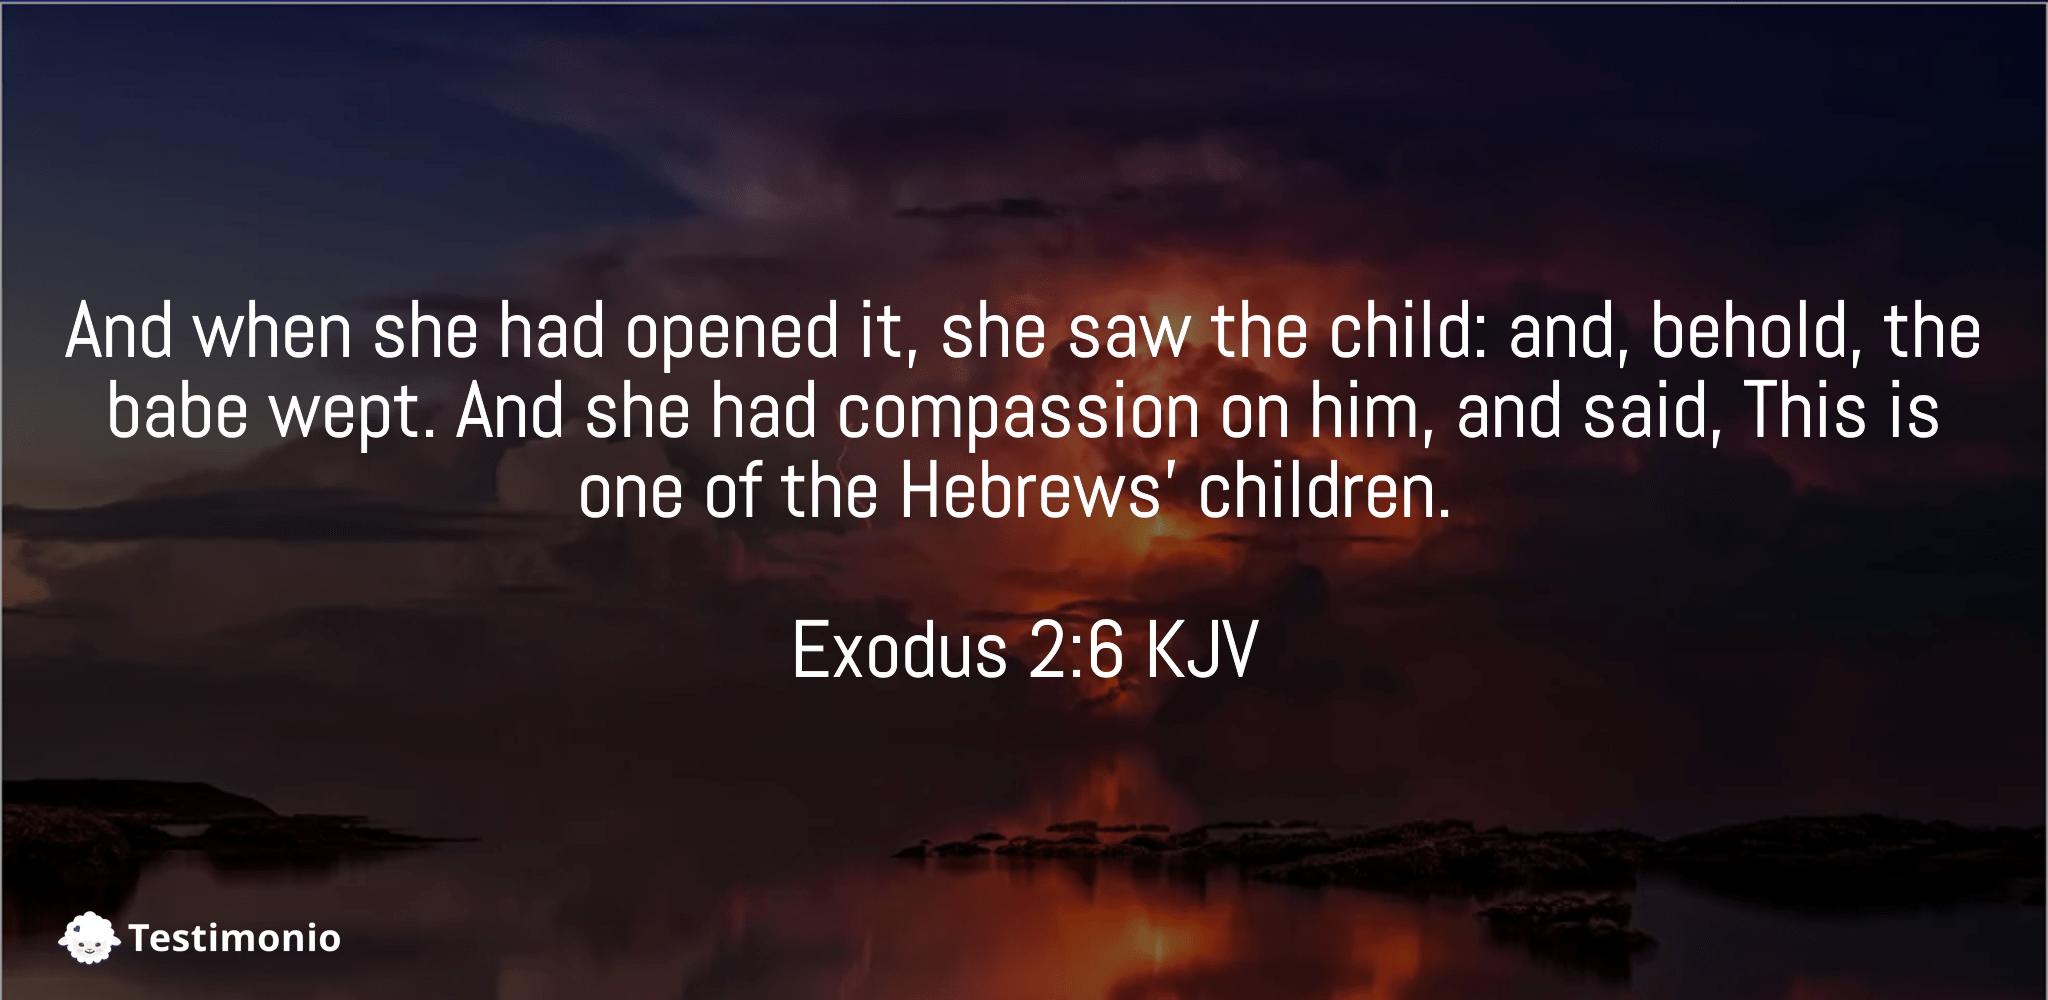 Exodus 2:6